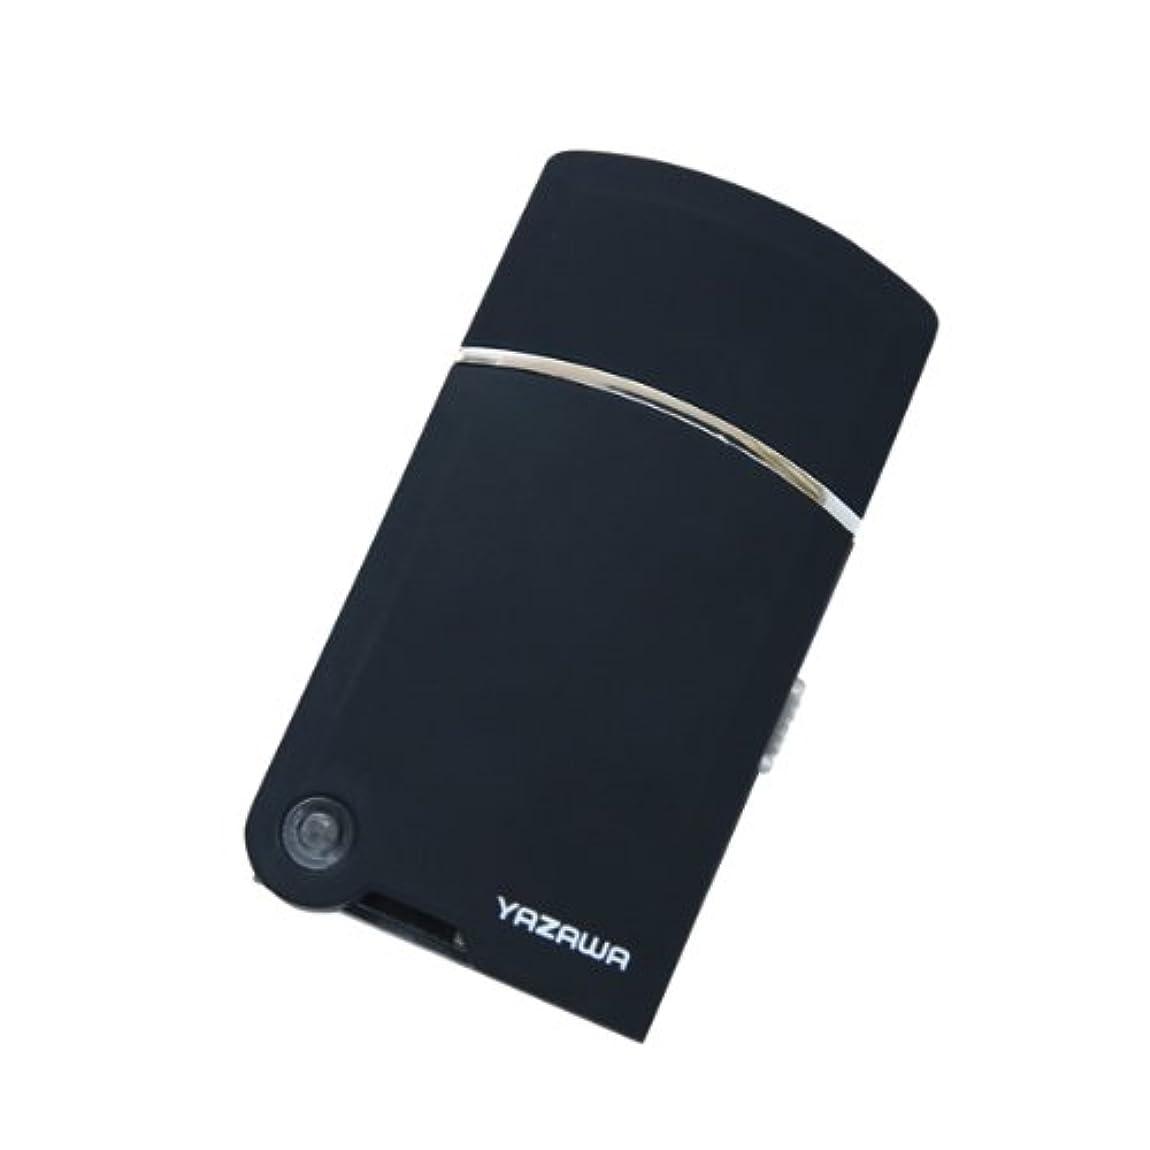 略語笑骨髄ヤザワ トラベルUSBシェーバー USB充電式 掃除用ブラシ付き TVR08BK